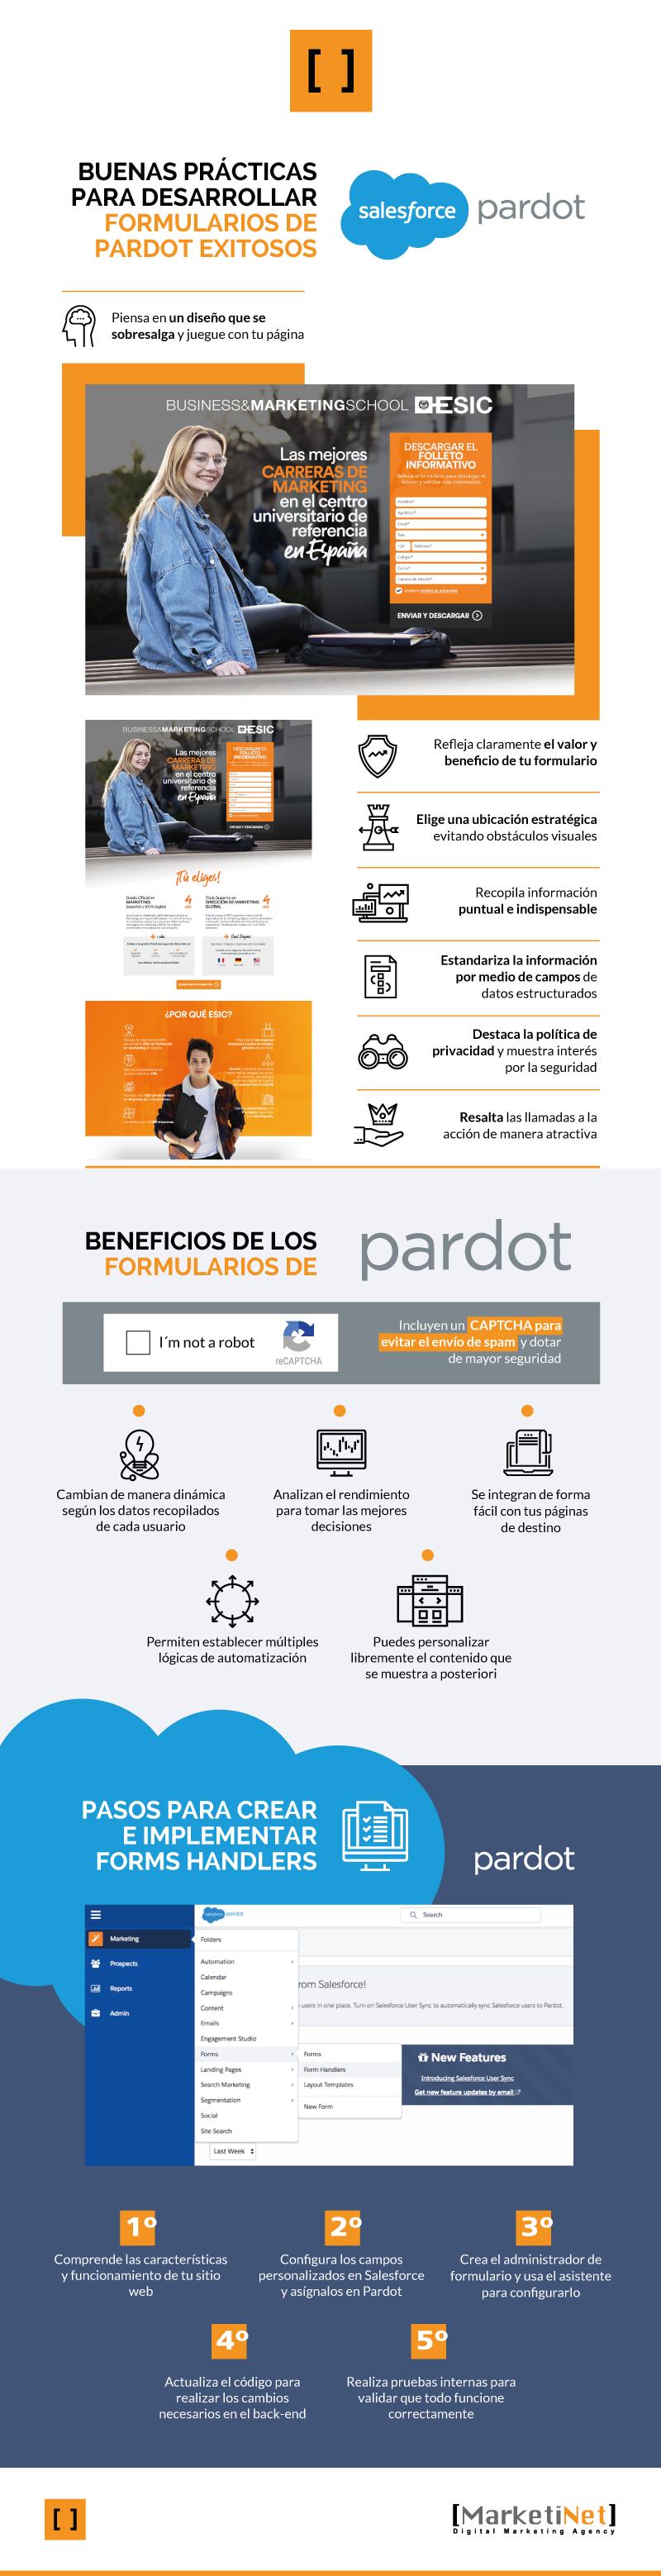 Infografía Buenas prácticas desarrollo formularios de Pardot